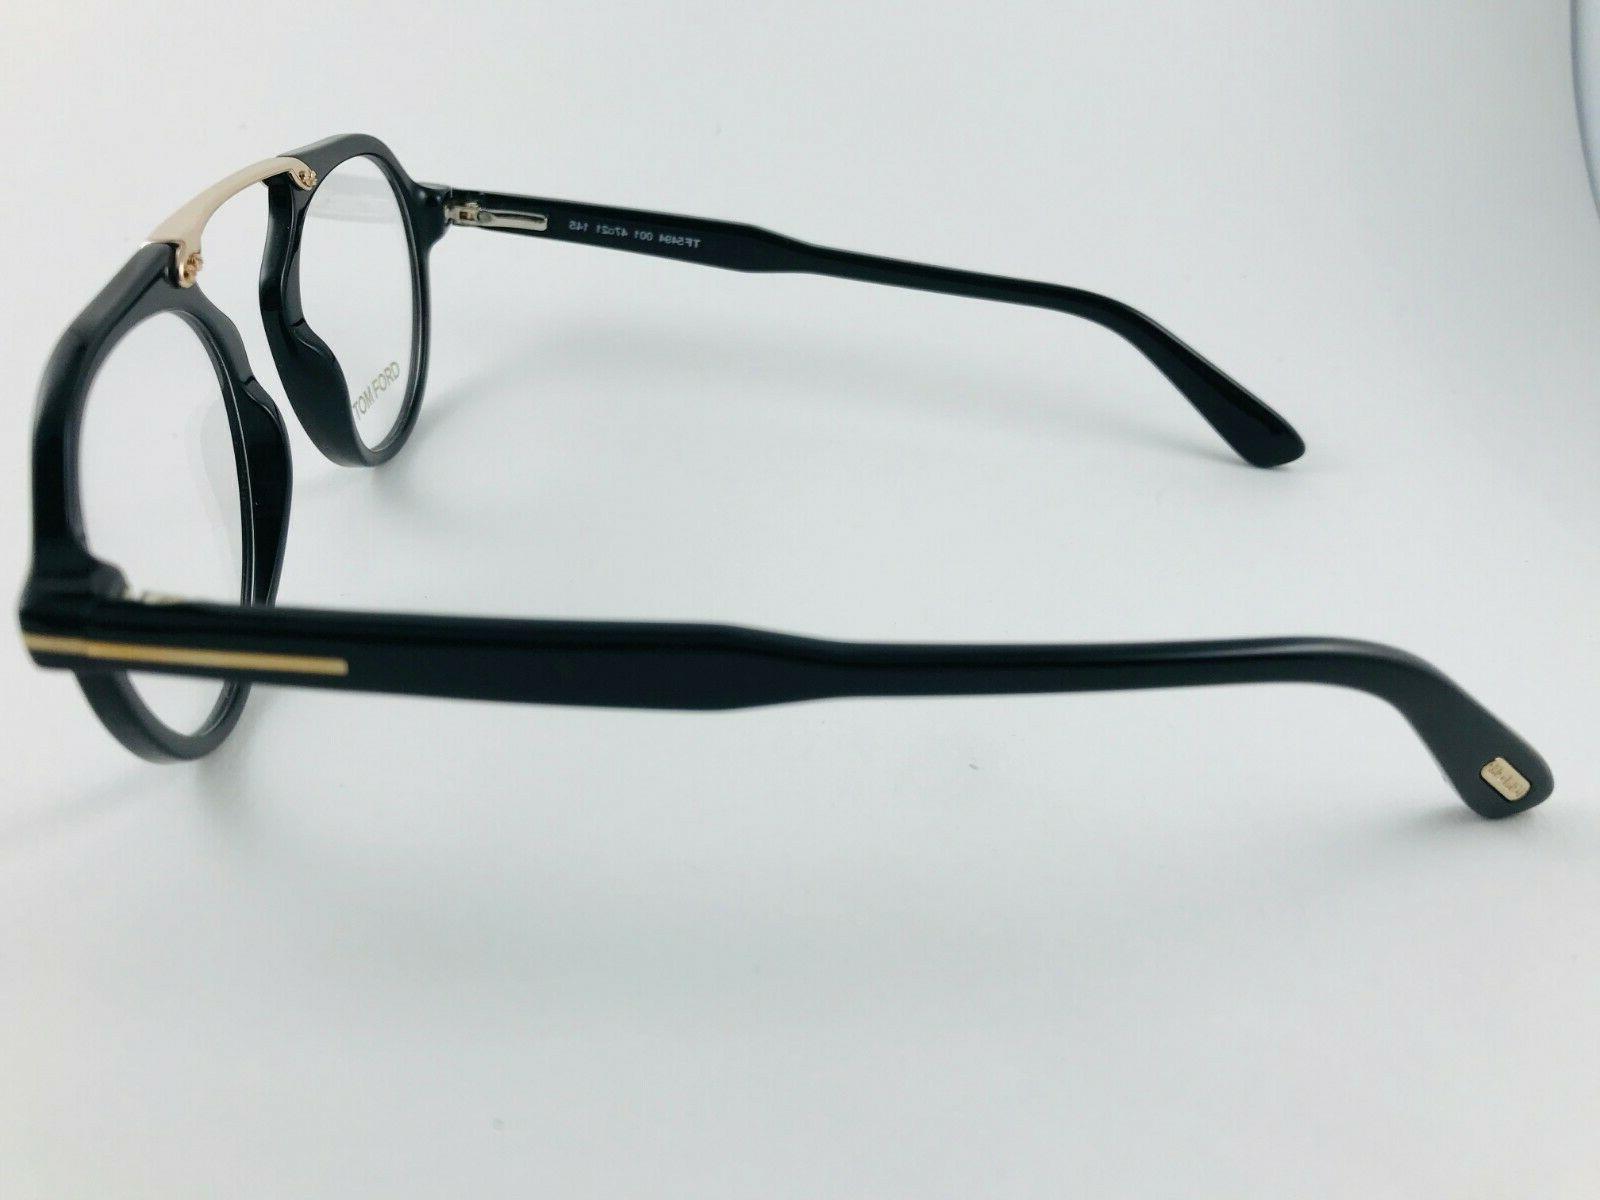 New Tom Eyeglasses Black Gold